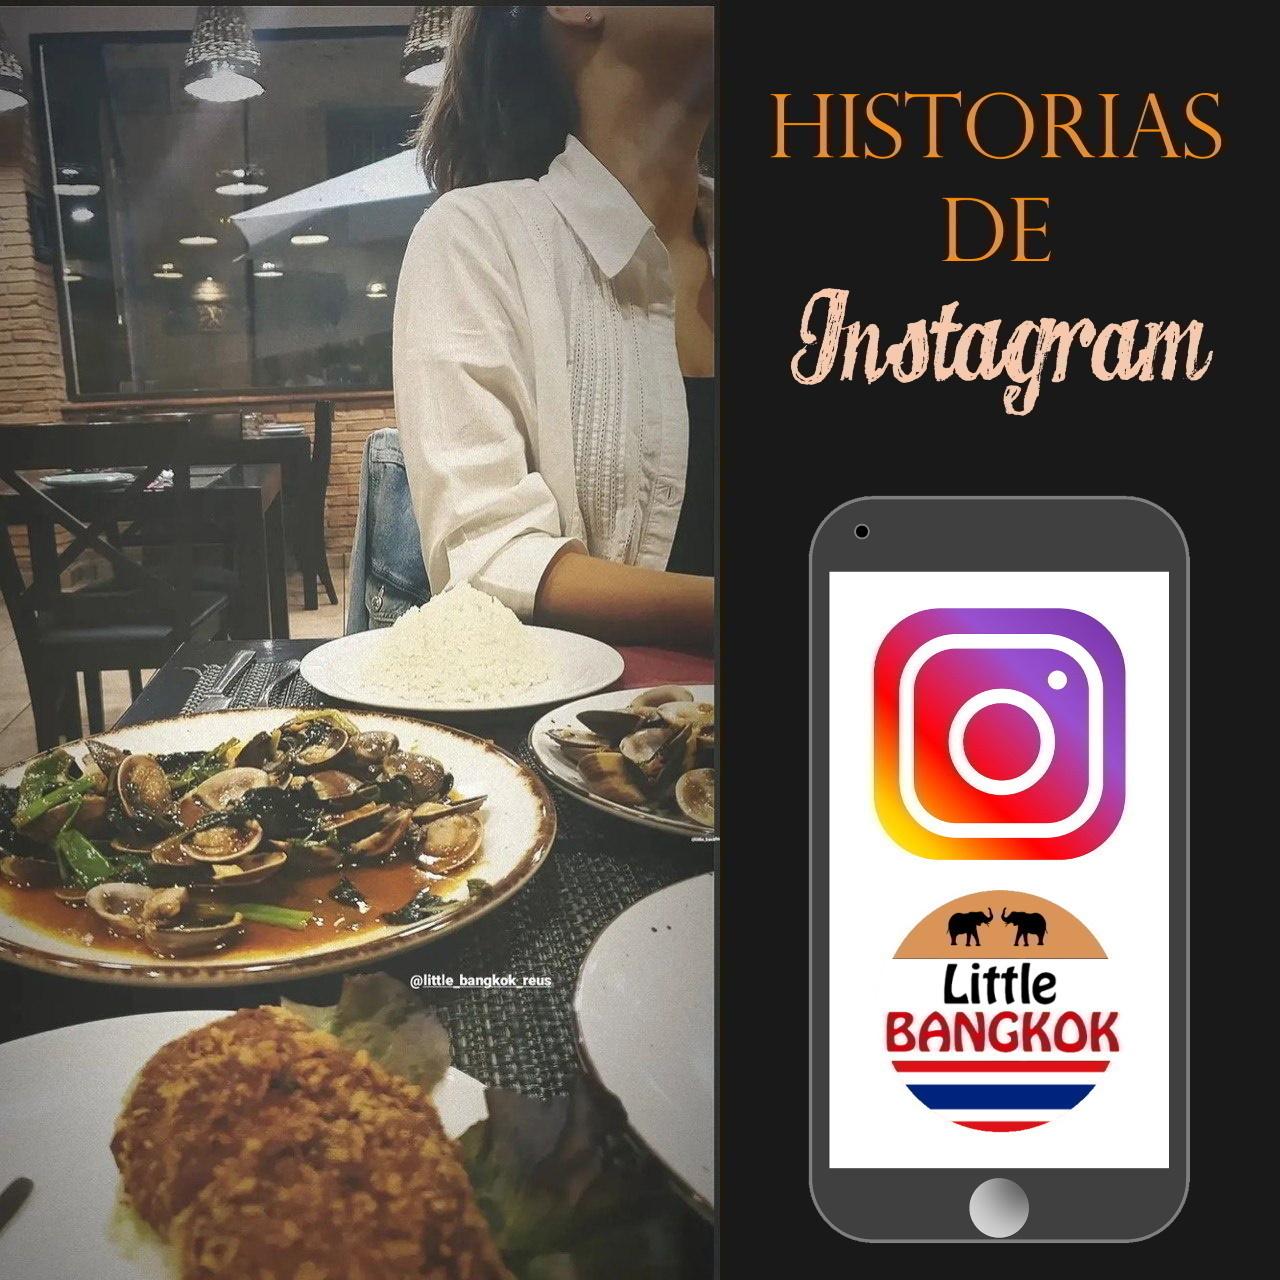 Historias de Instagram - 10 - Octubre 2